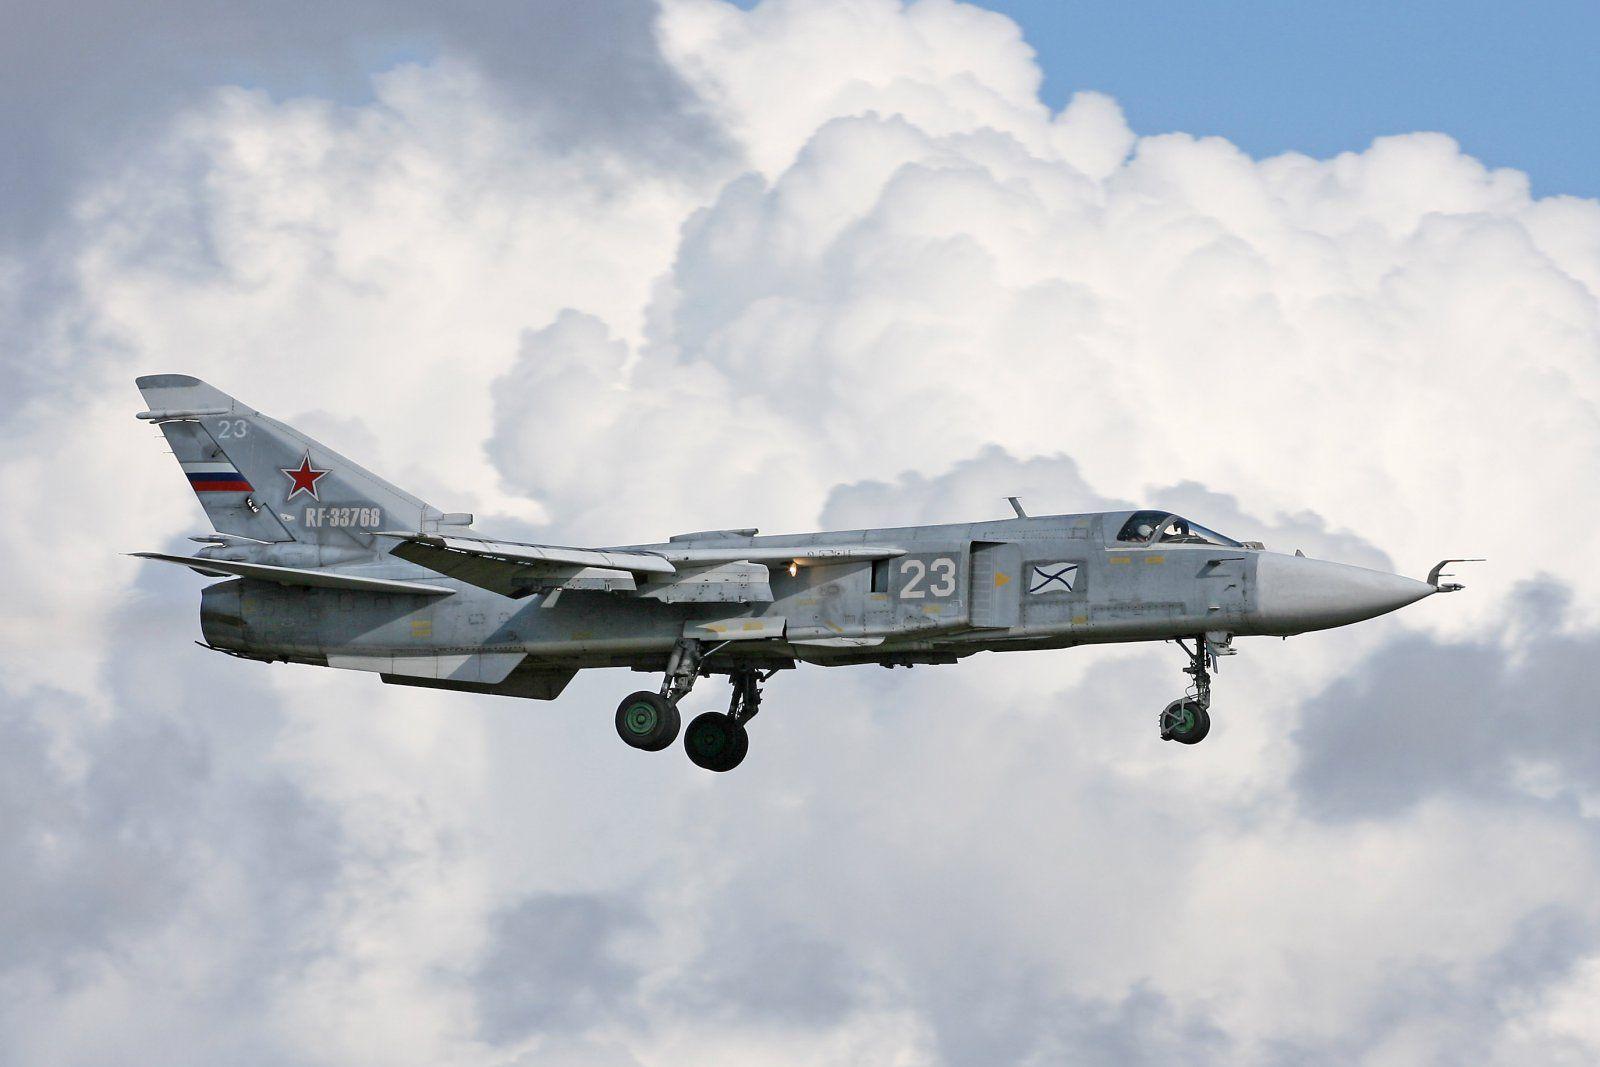 Su-24 Fencer-B 23 - RF-33768.jpg